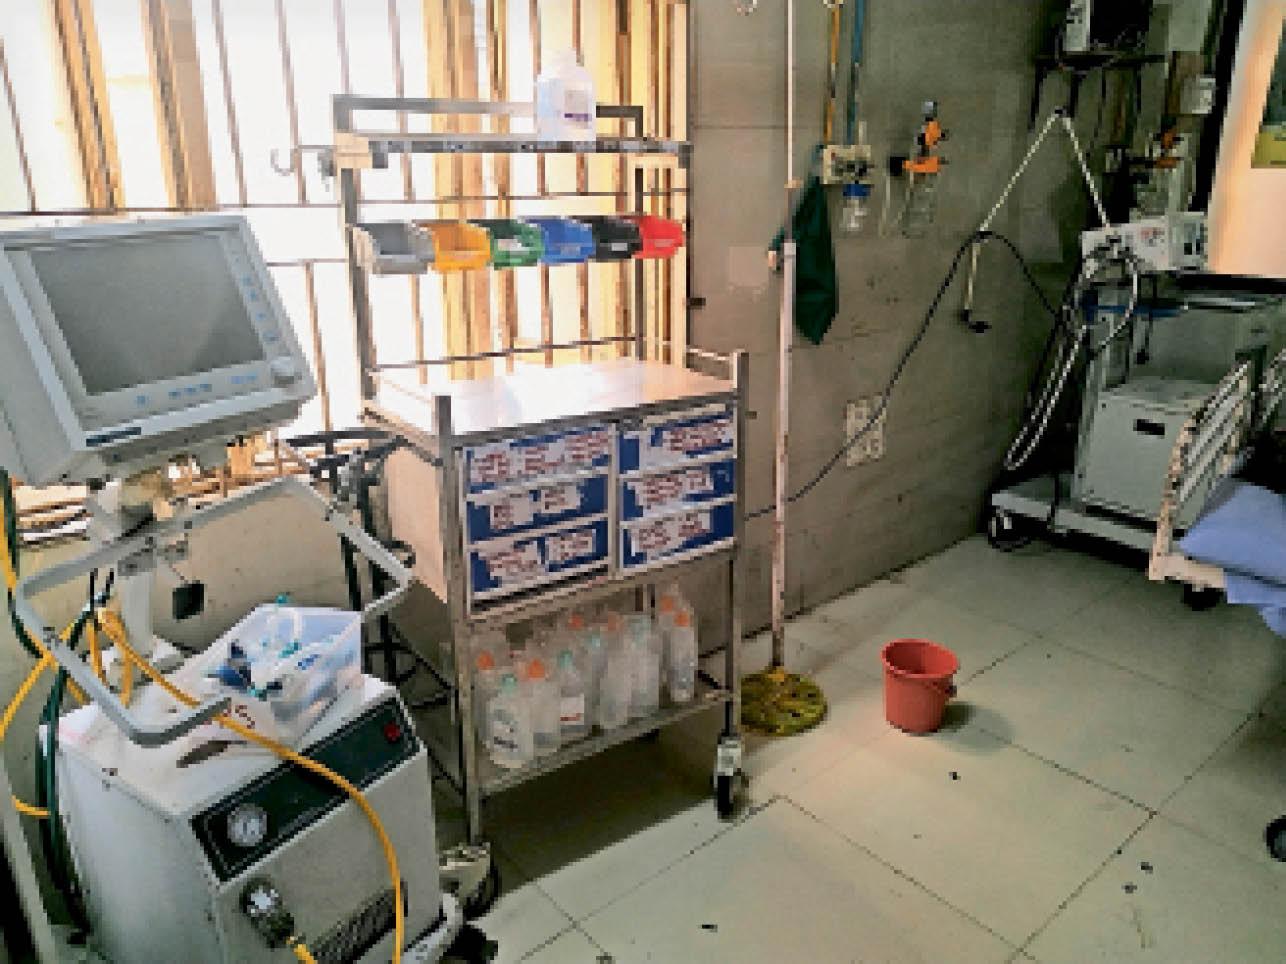 एनएमसी की टीम के औचक निरीक्षण की संभावना से सिविल अस्पताल के ट्राेमा सेंटर के कैजुअलिटी वार्ड में सिर्फ दिखाने के लिए व्यवस्था चकाचक कर दी गई है। - Dainik Bhaskar